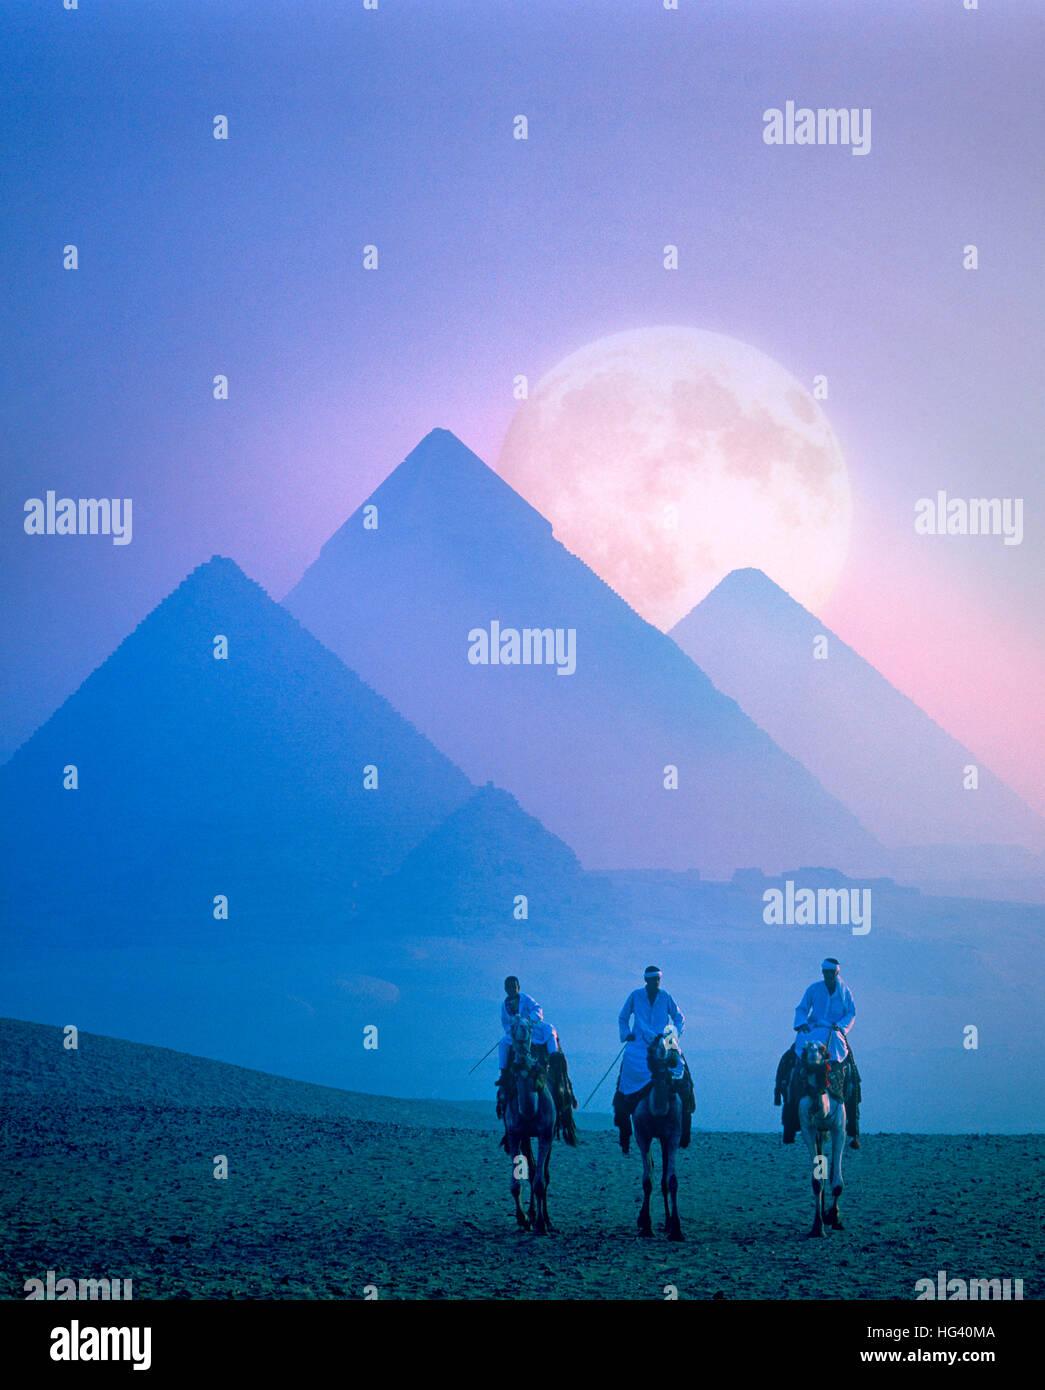 Luna llena ascendiendo detrás de las pirámides de Giza, al anochecer, El Cairo, Egipto Imagen De Stock